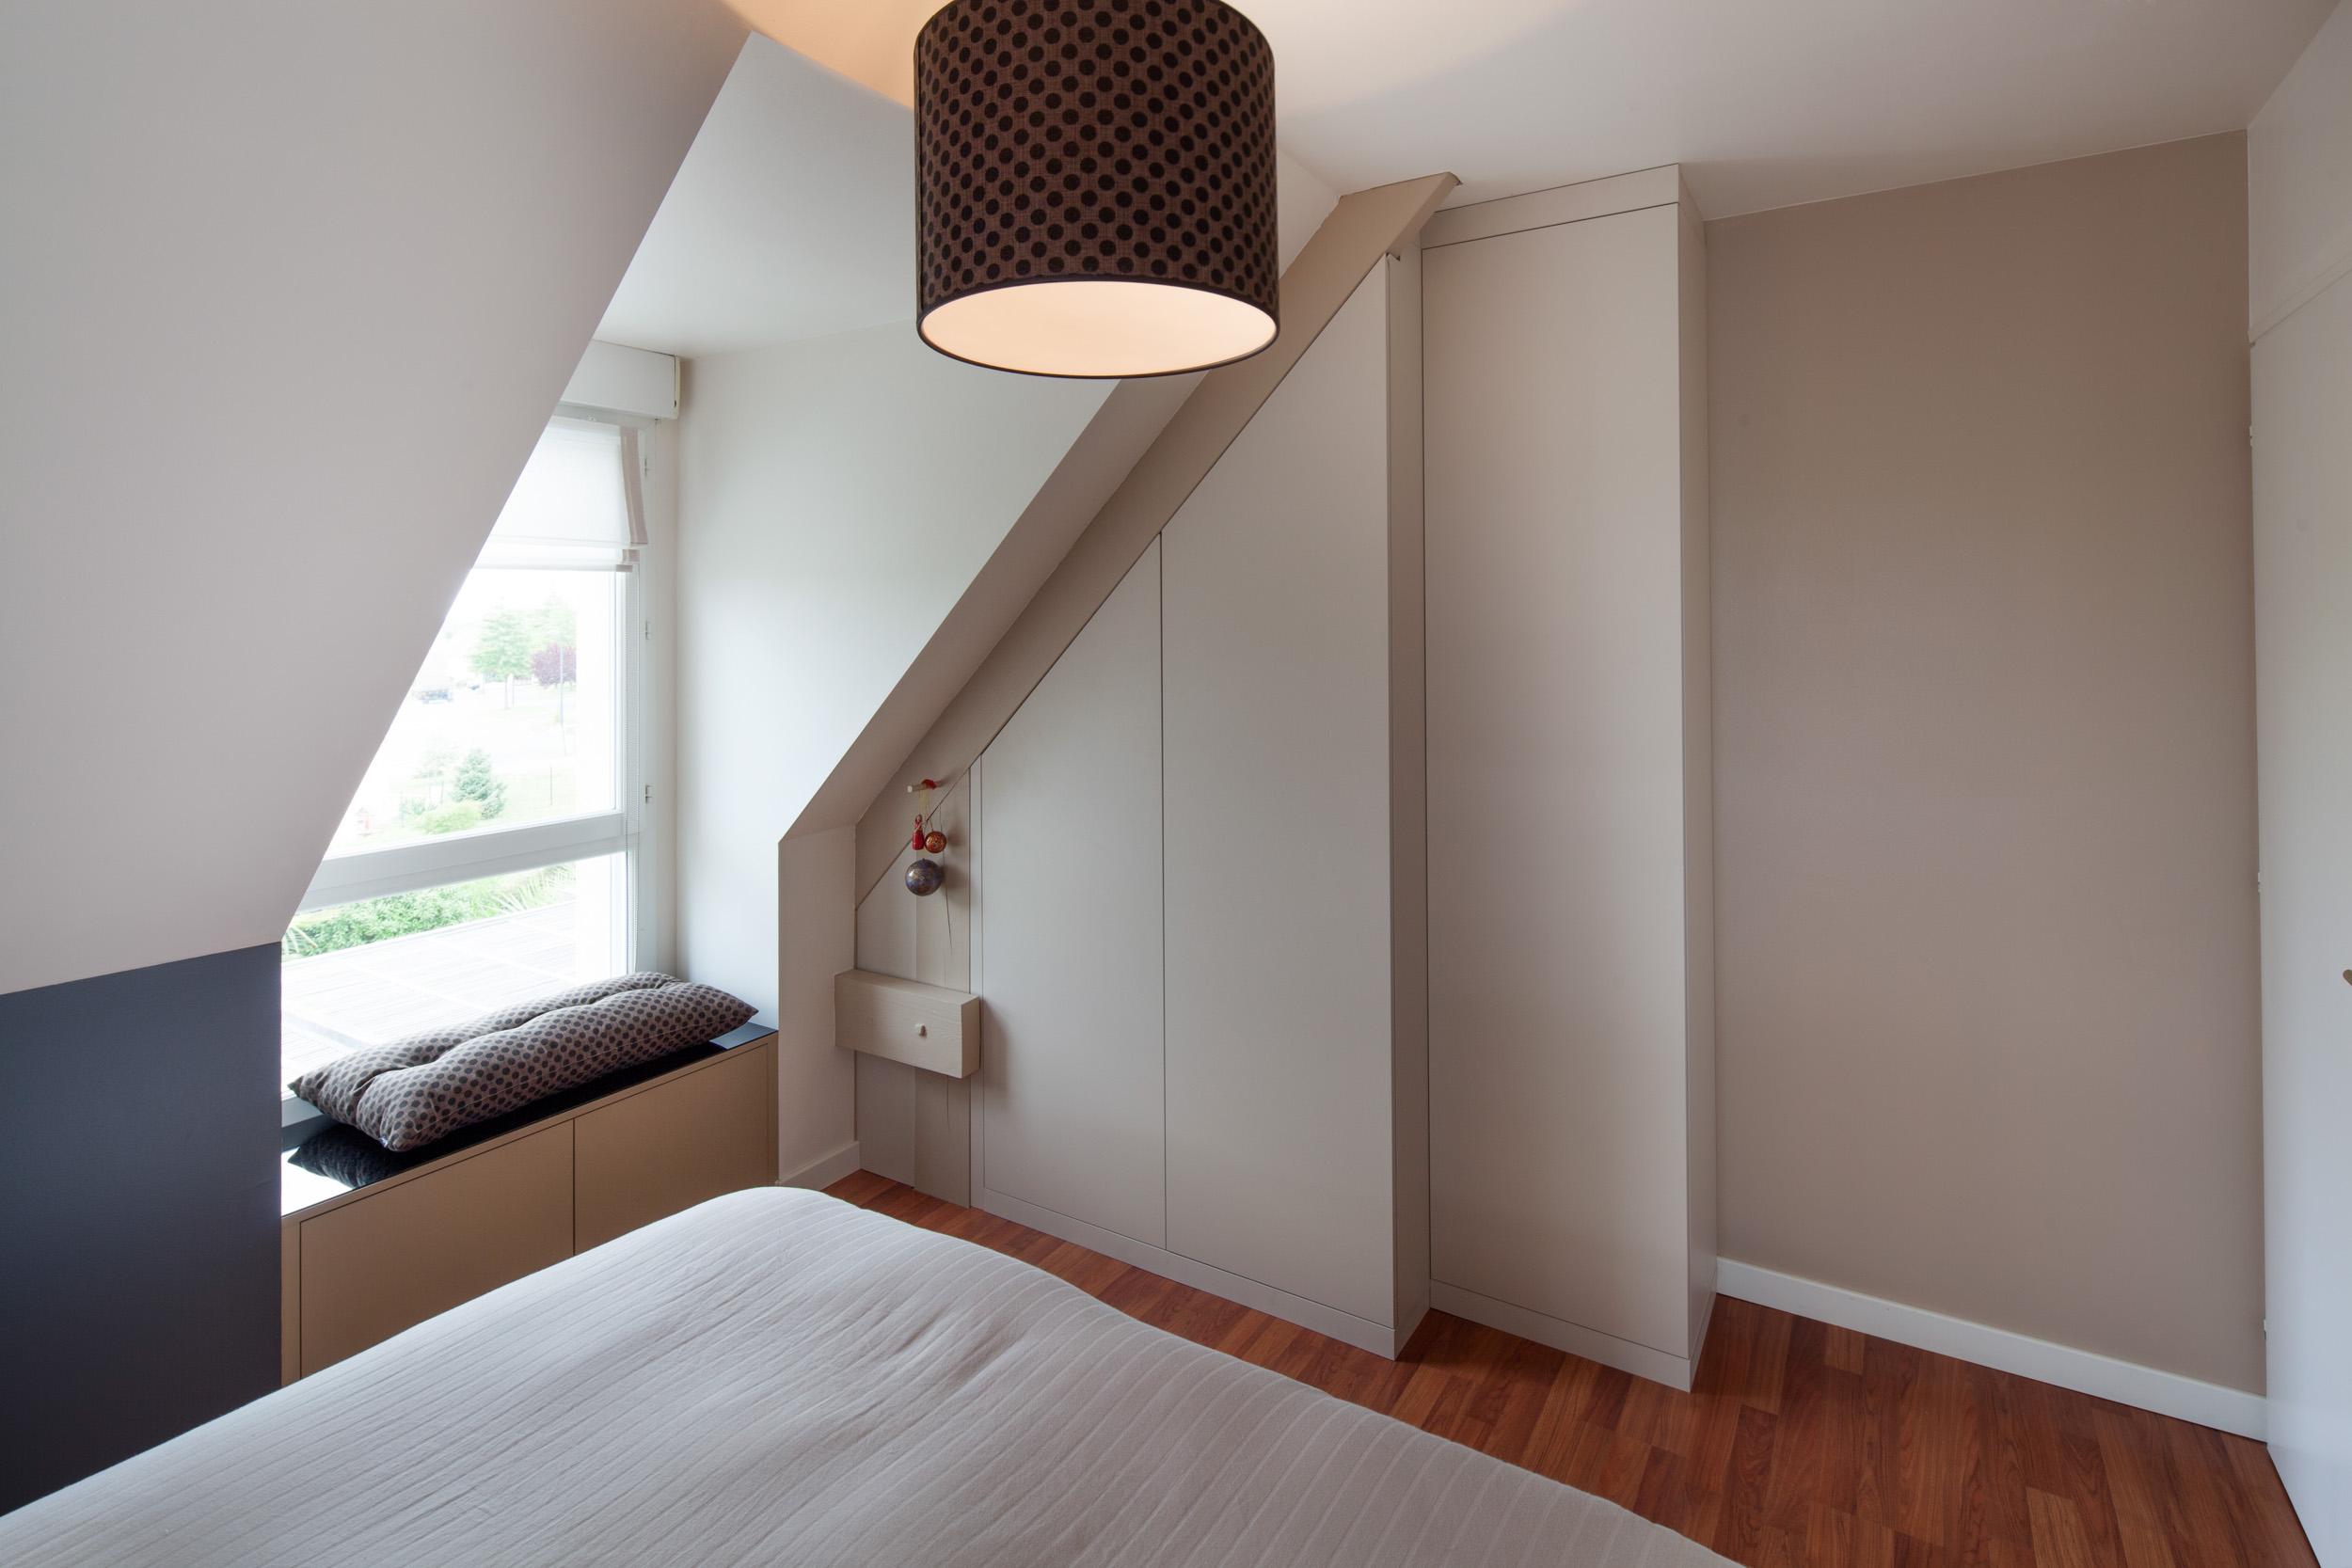 placards nous vous conseillons de choisir le sur mesure. Black Bedroom Furniture Sets. Home Design Ideas